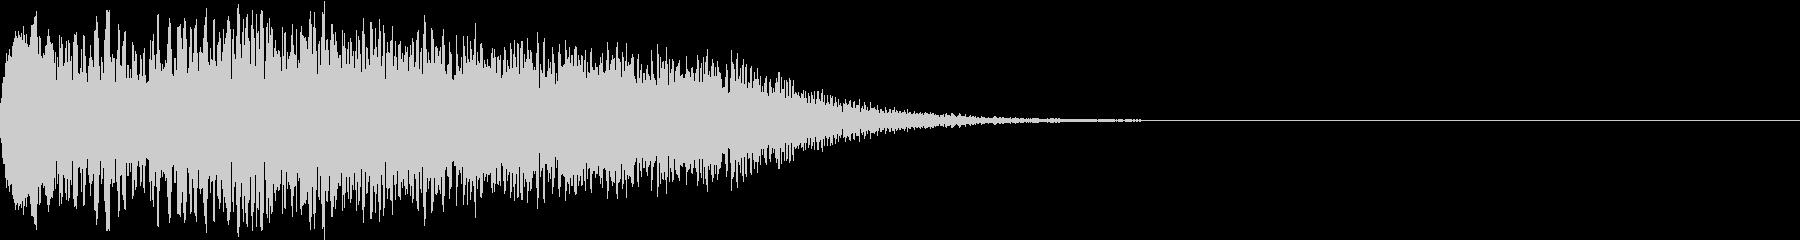 キュイン 光 ピカーン フラッシュ 16の未再生の波形